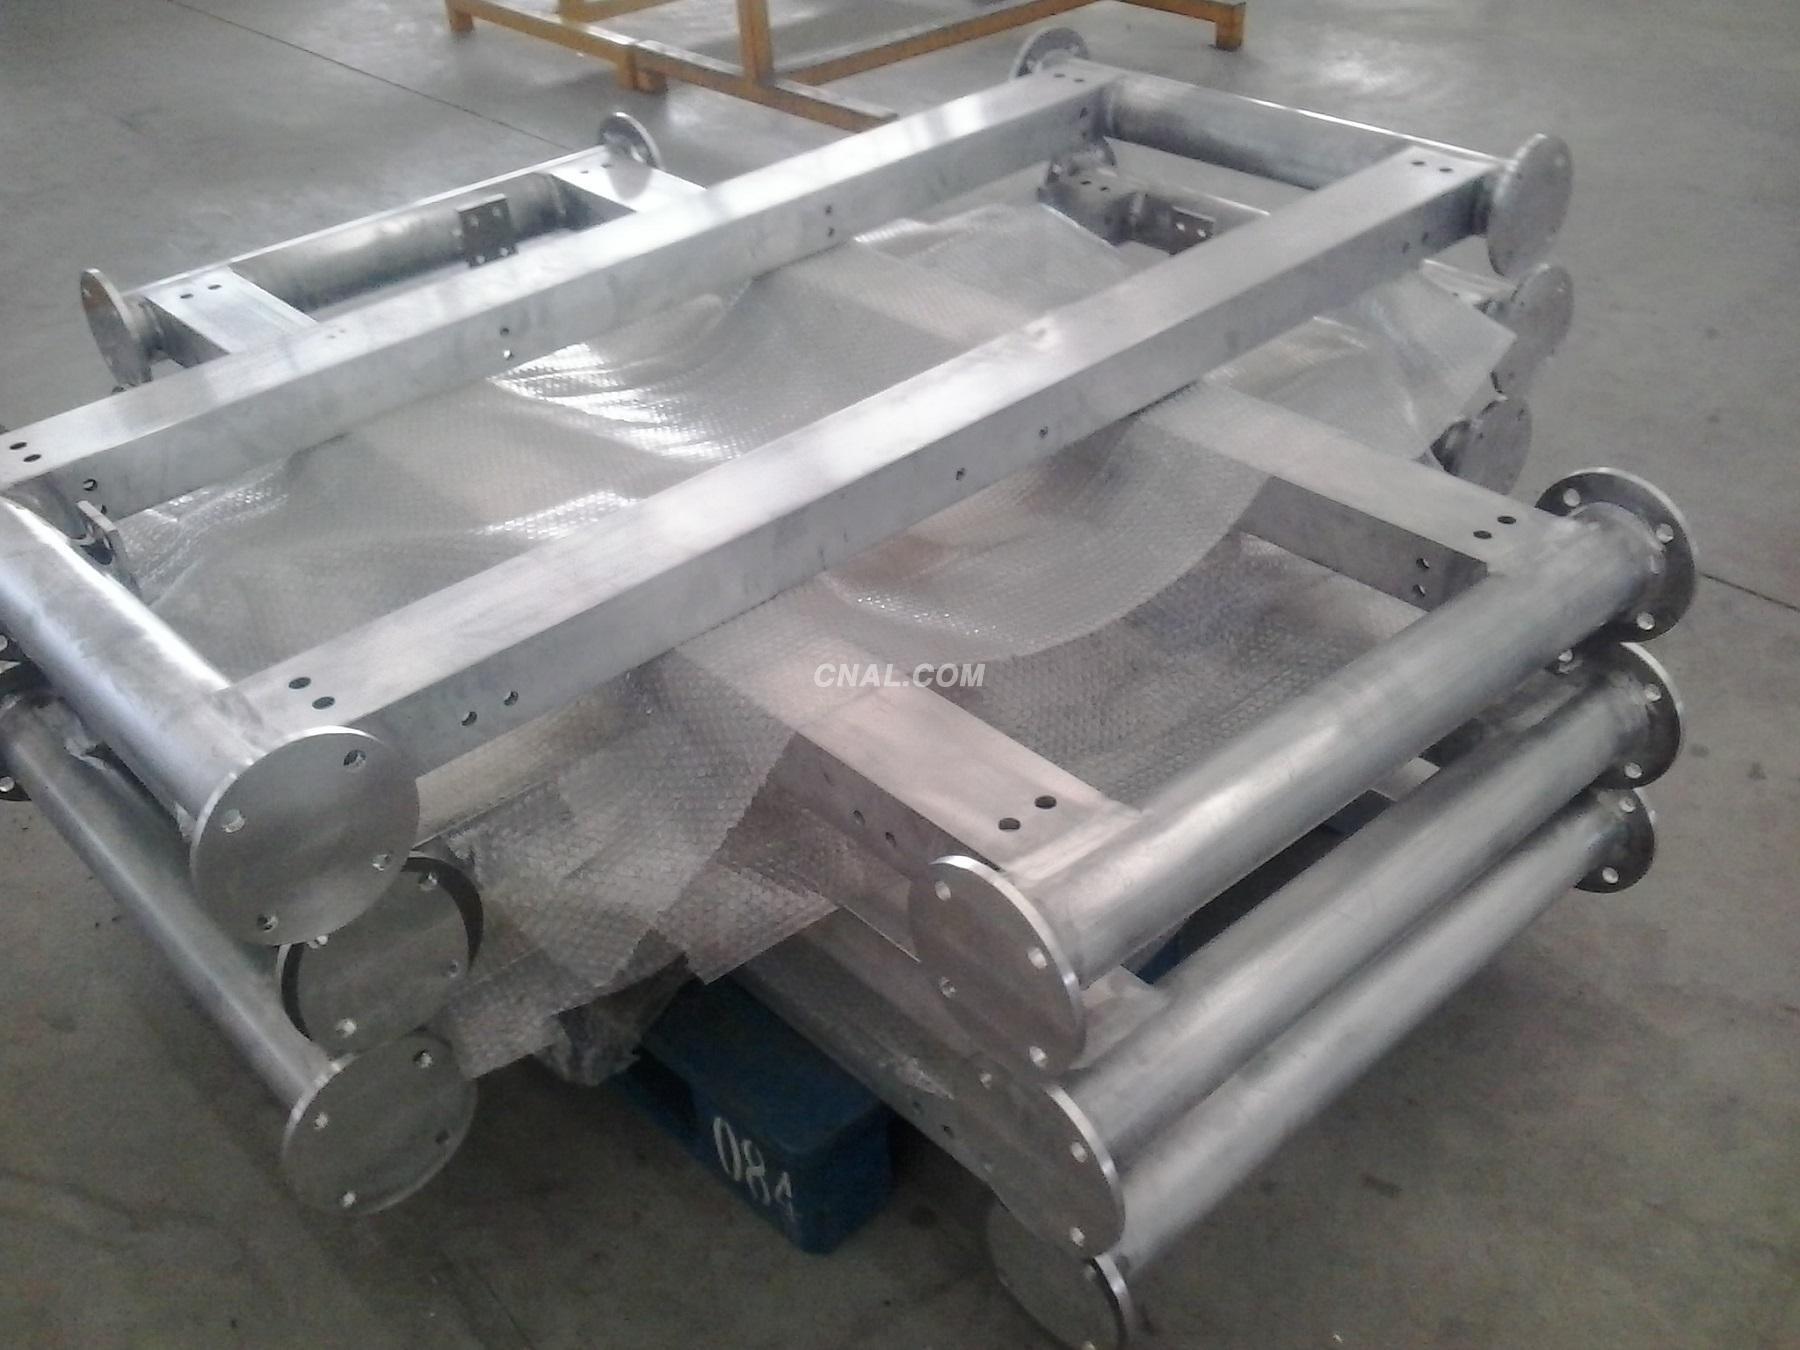 Aluminum frame welded